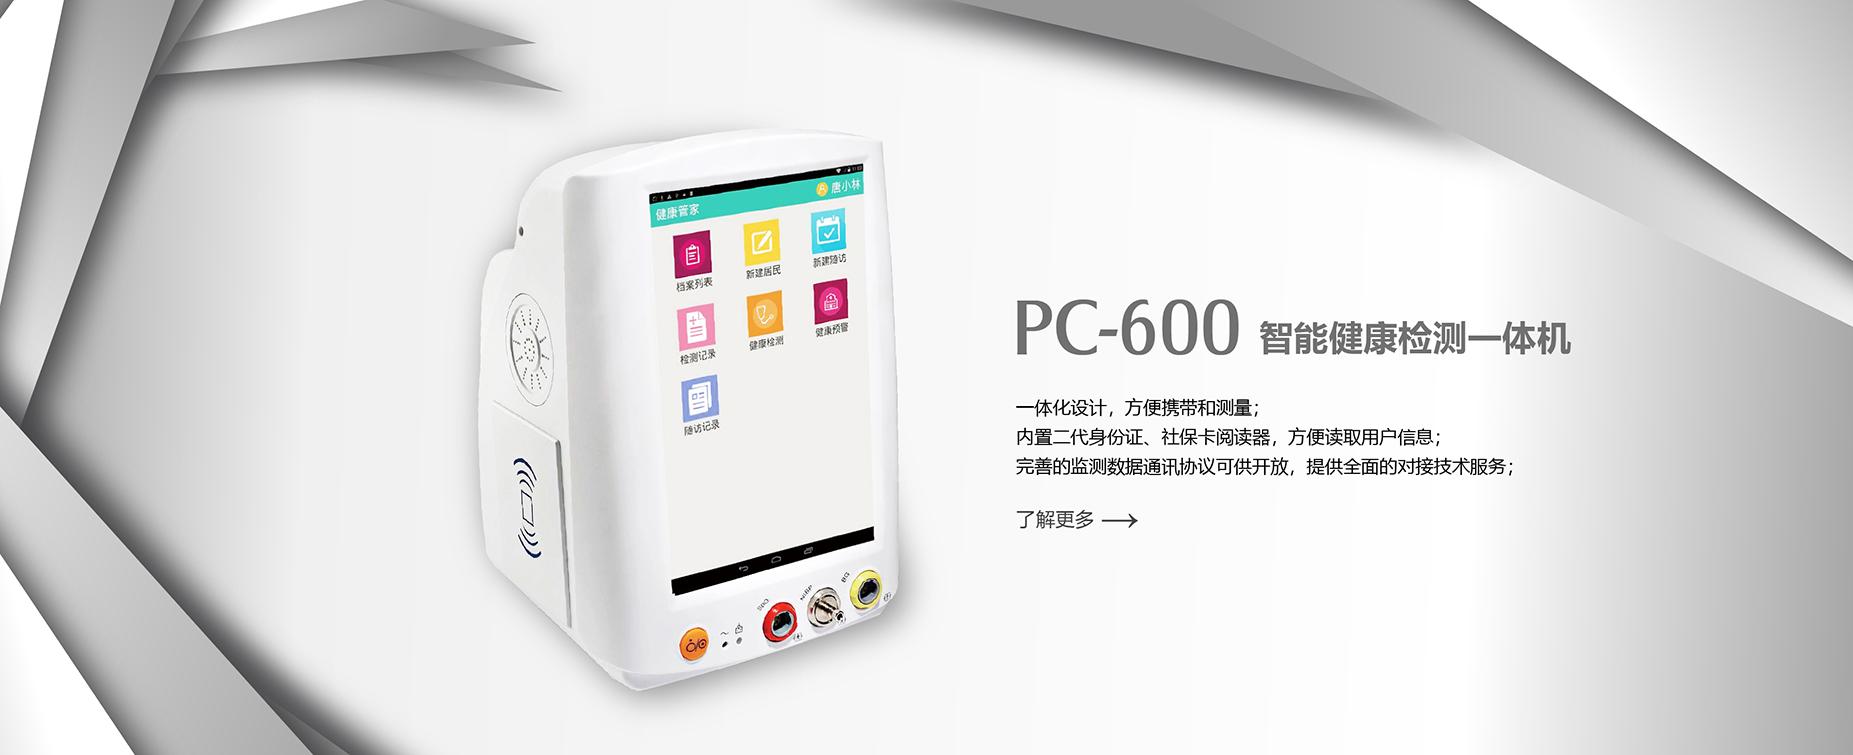 健康检测管理PC-600智能健康检测一体机